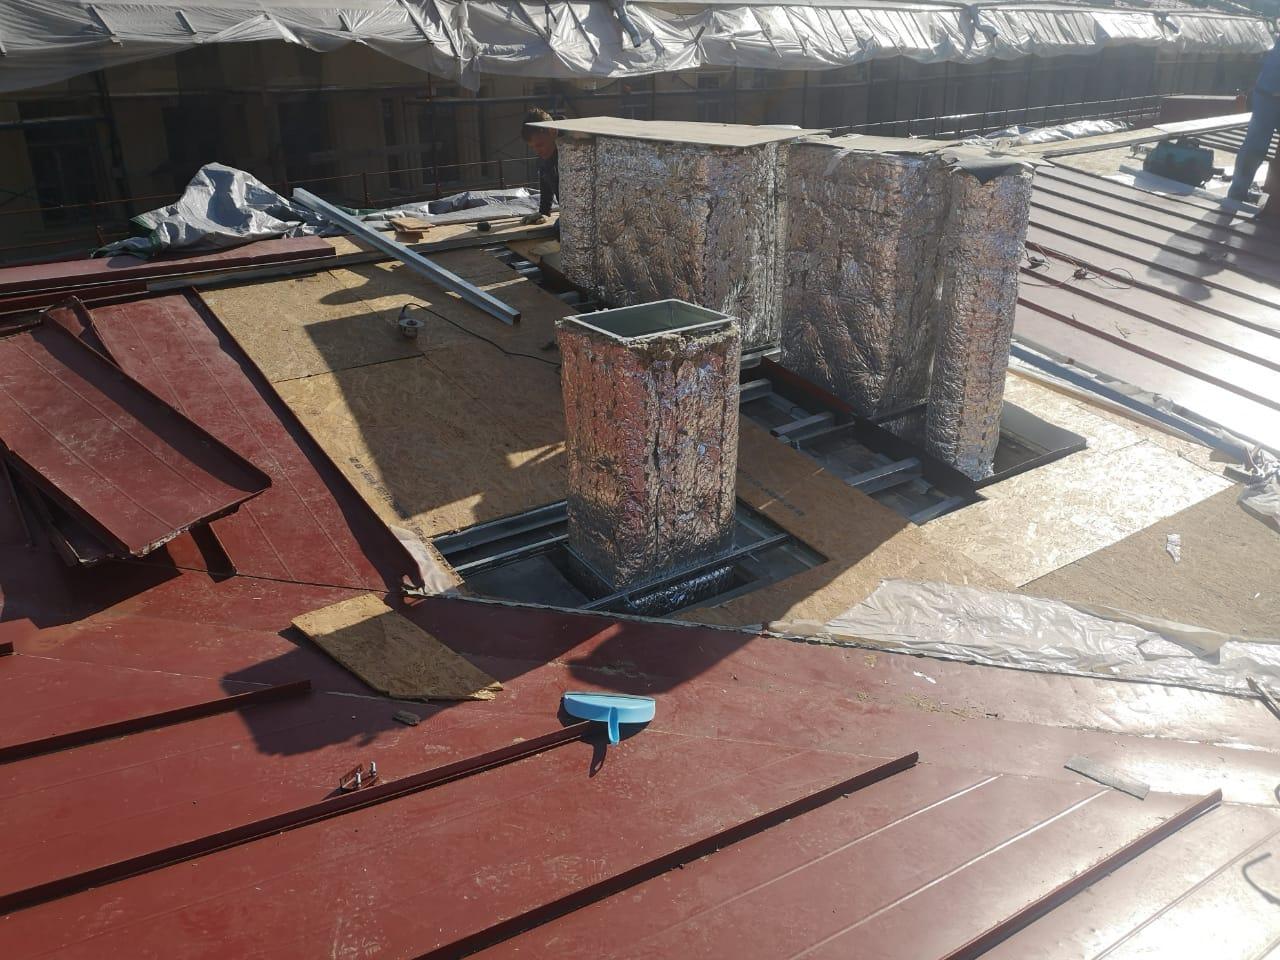 Качественно выполненный монтаж вентиляционных каналов кровли здания с частичной заменой пирога кровли